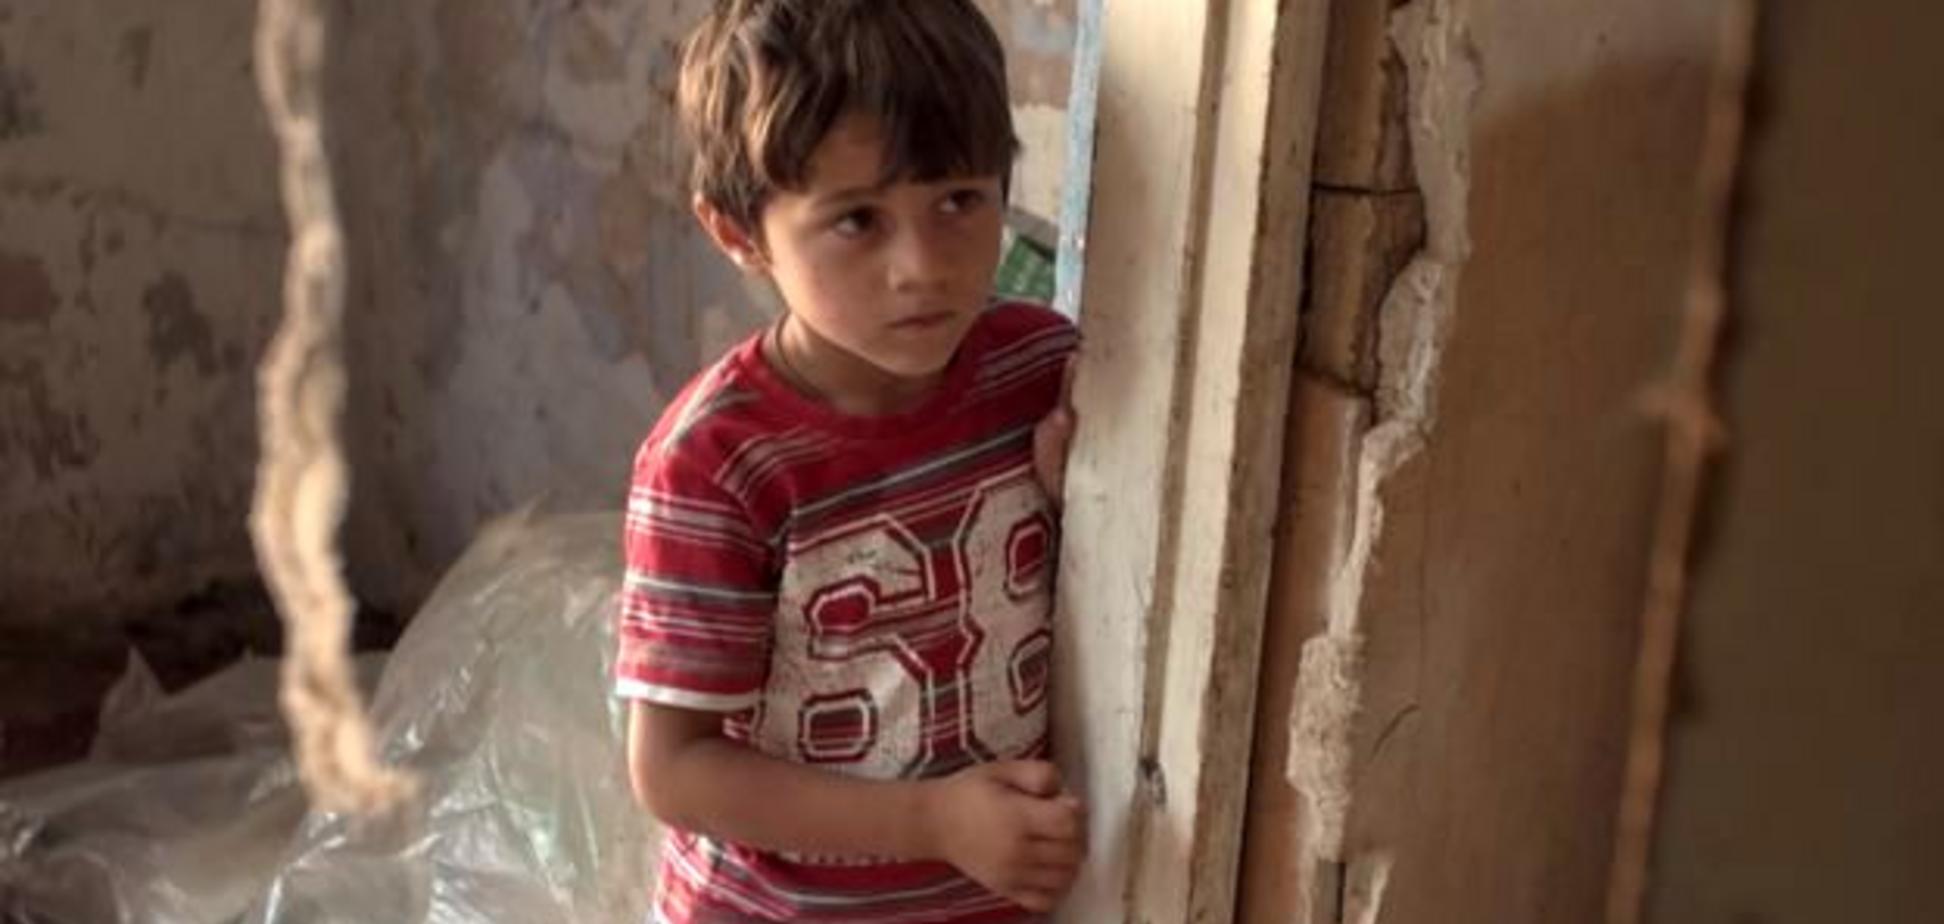 'На підлозі туалетний папір і 13 дітей': репортаж про жахливу бідність ромів в Україні